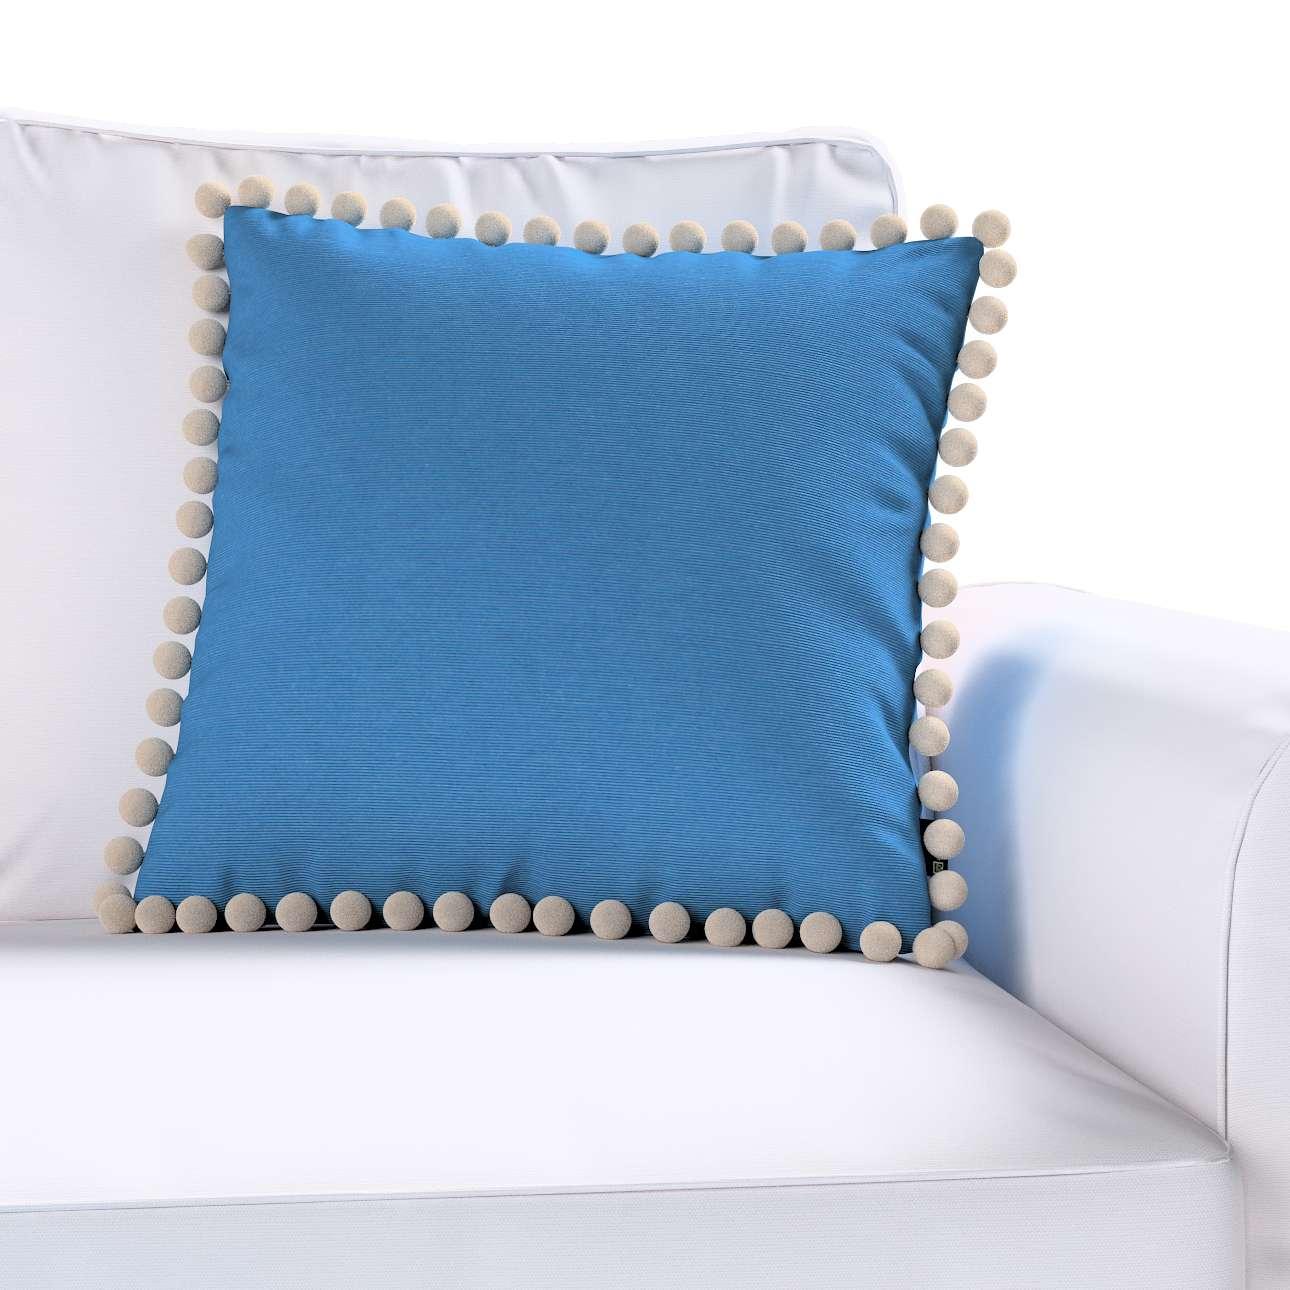 Wera dekoratyvinės pagalvėlės užvalkalas su žaismingais kraštais kolekcijoje Jupiter, audinys: 127-61